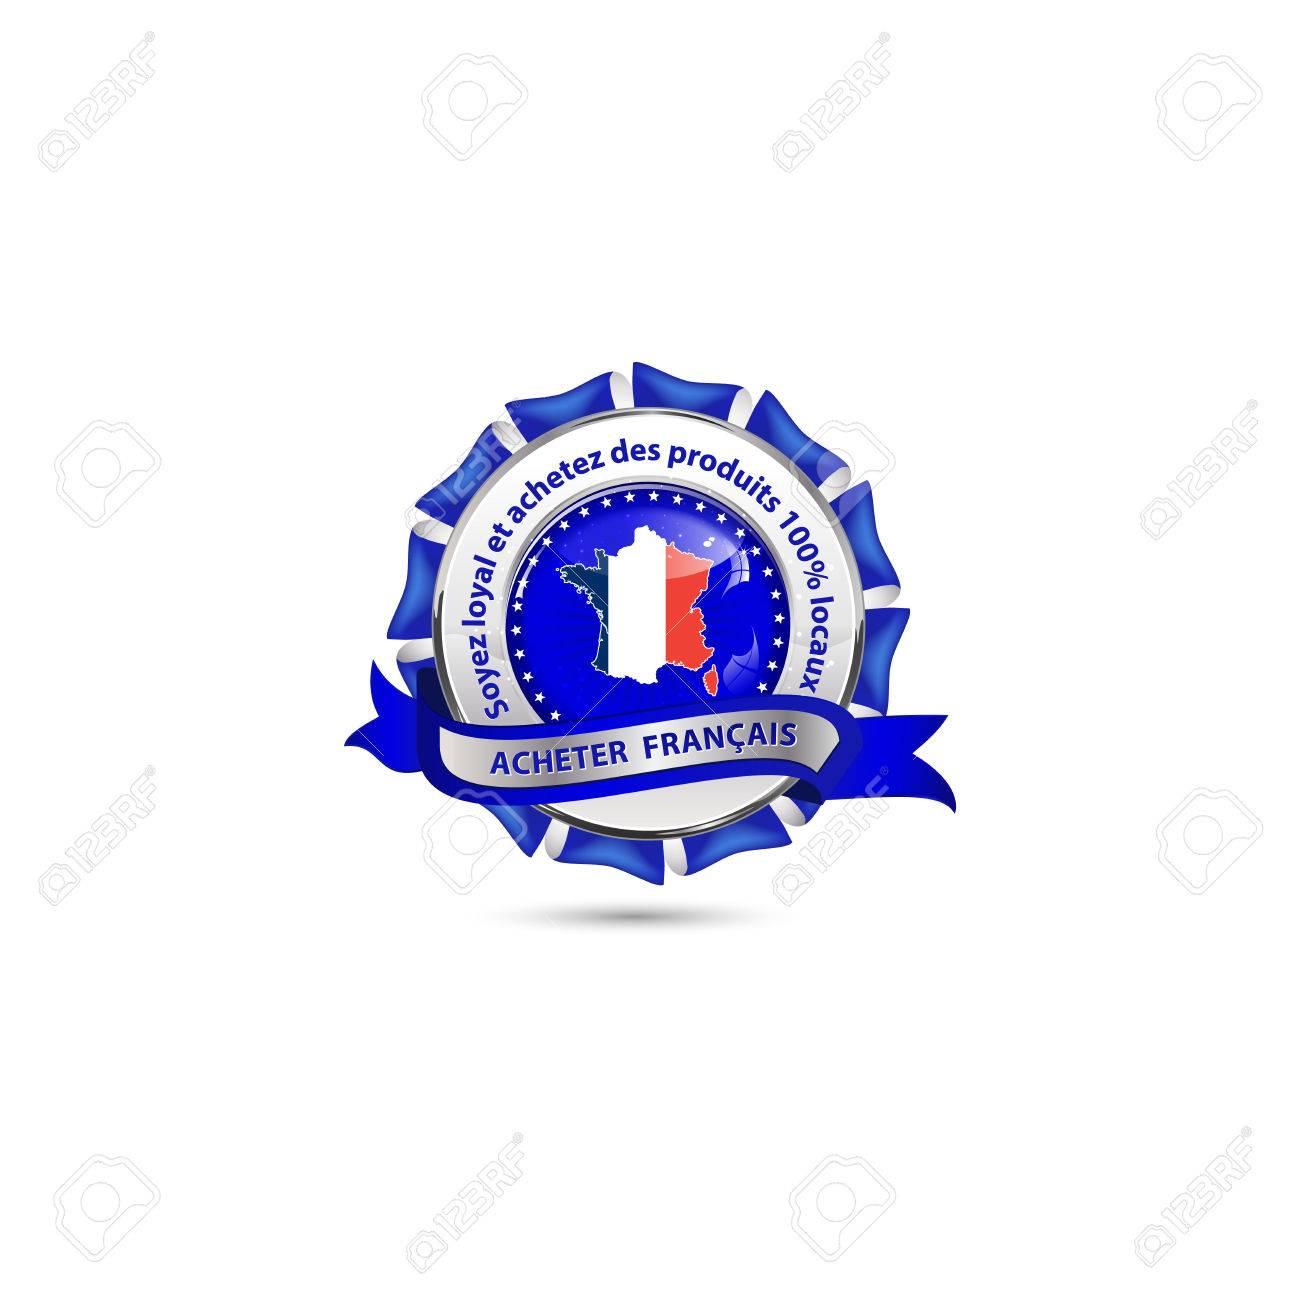 67cd1a9dfac Acheter Francais